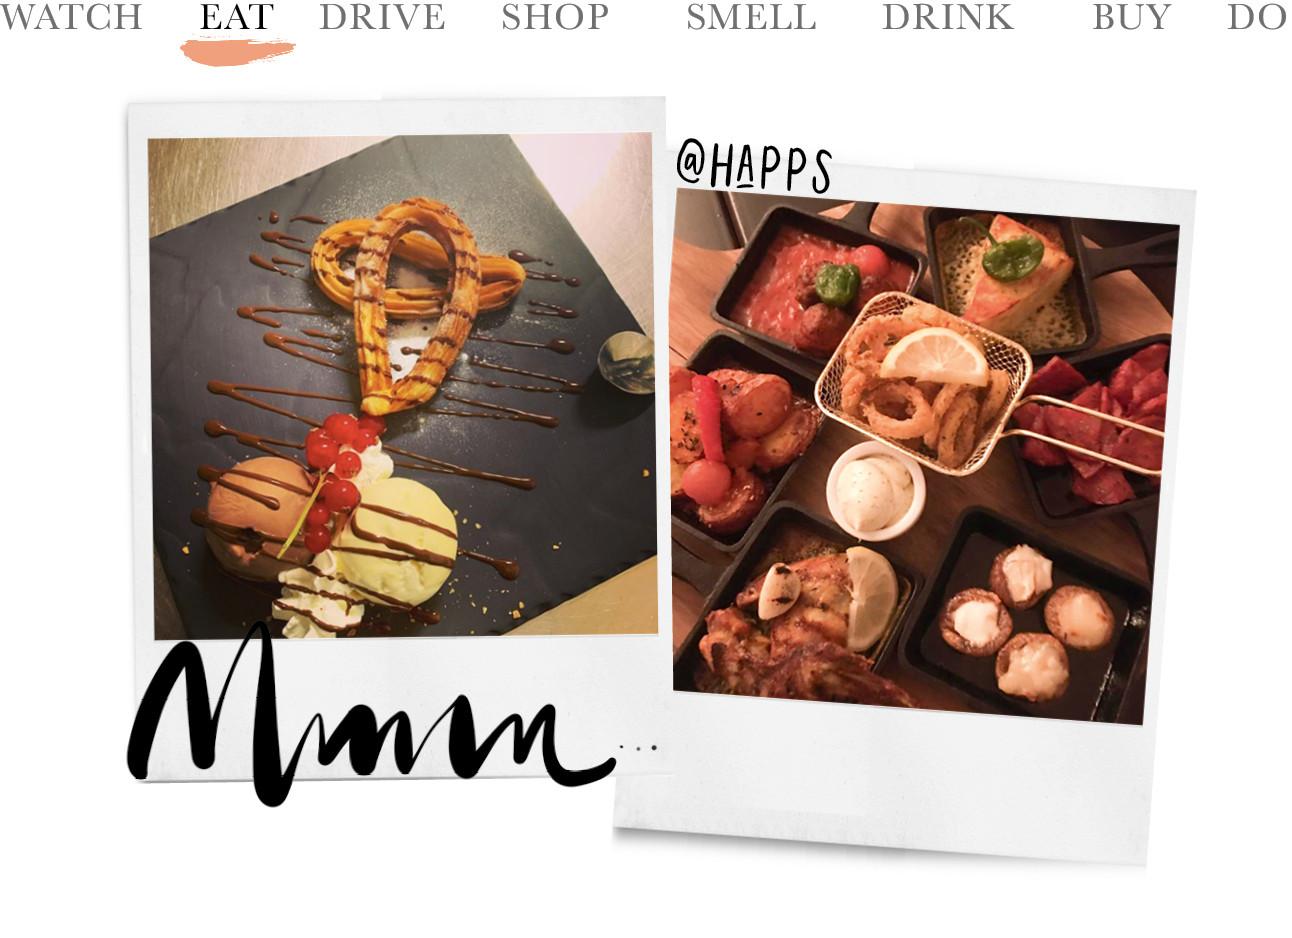 foto's van happs eten bij een barretje